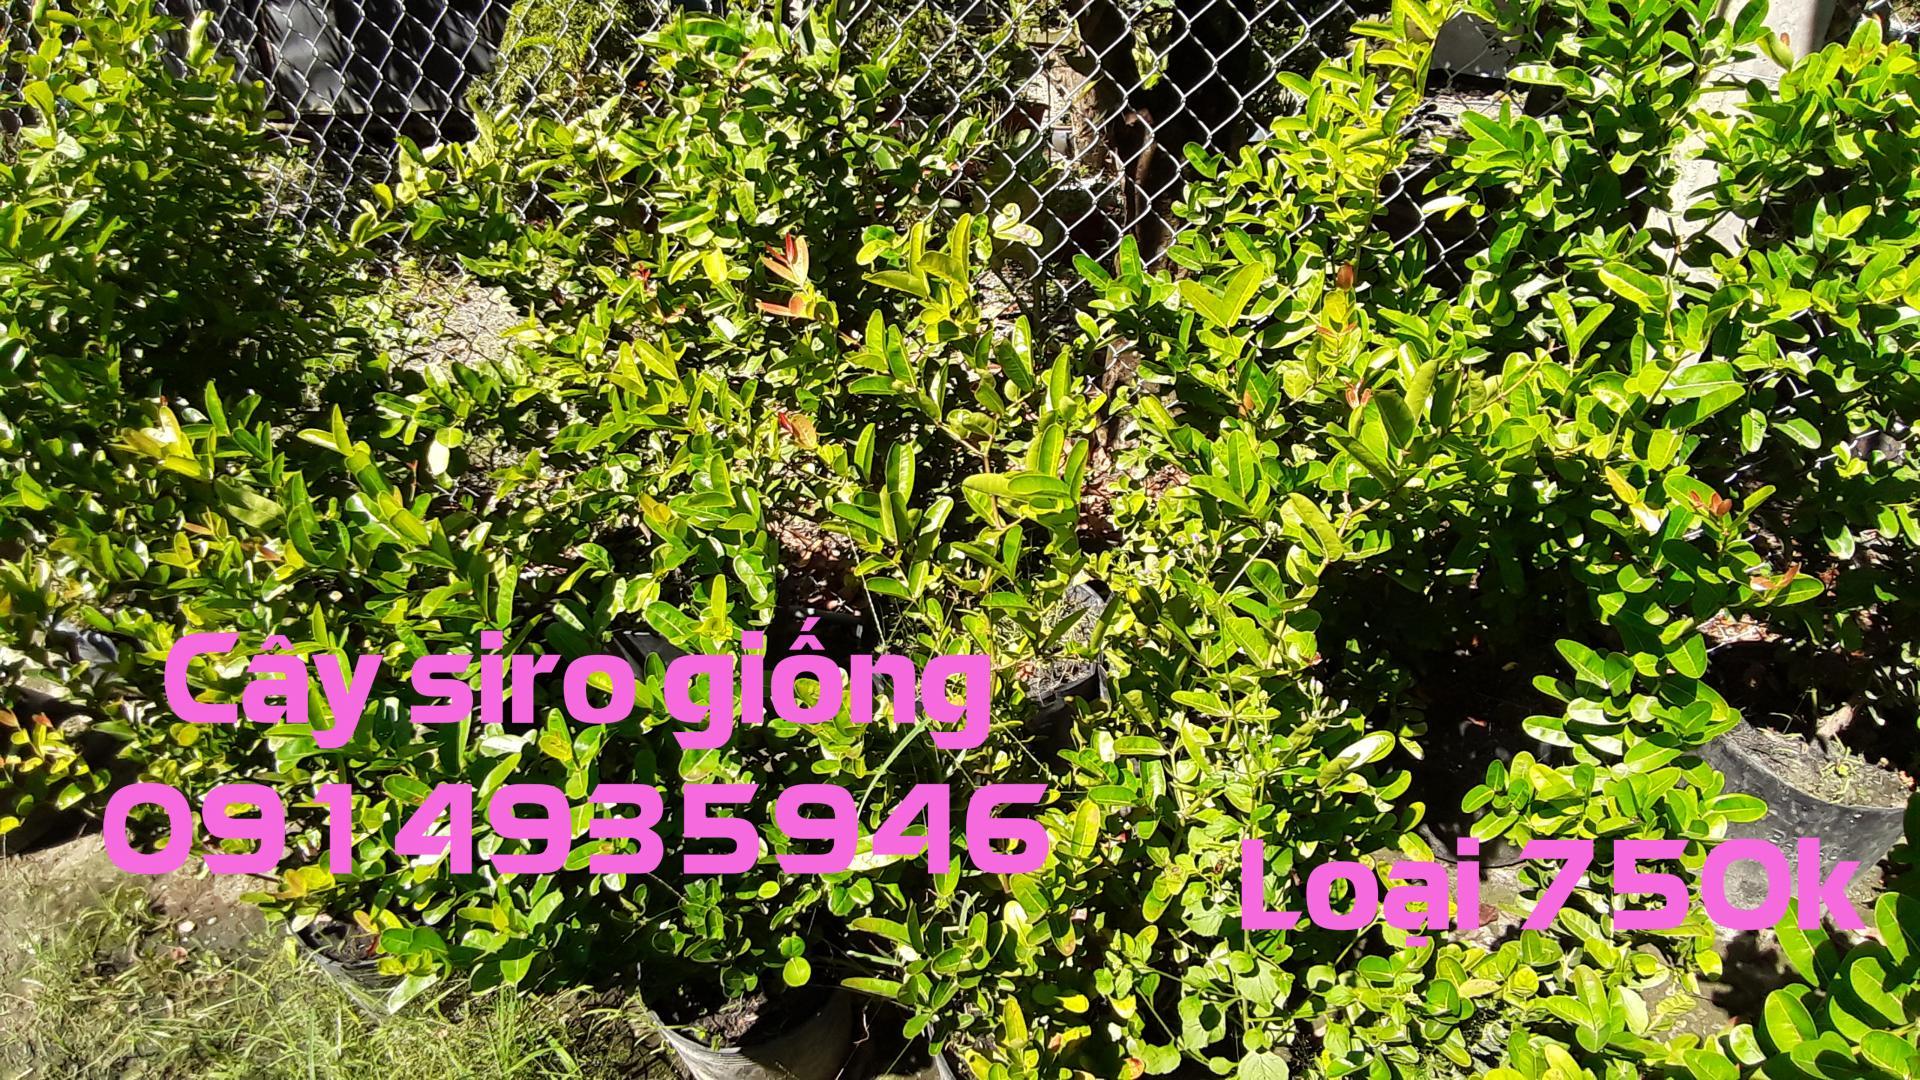 Cây Siro 500k, BỤI LỚN cao khoảng 50 - 60cm